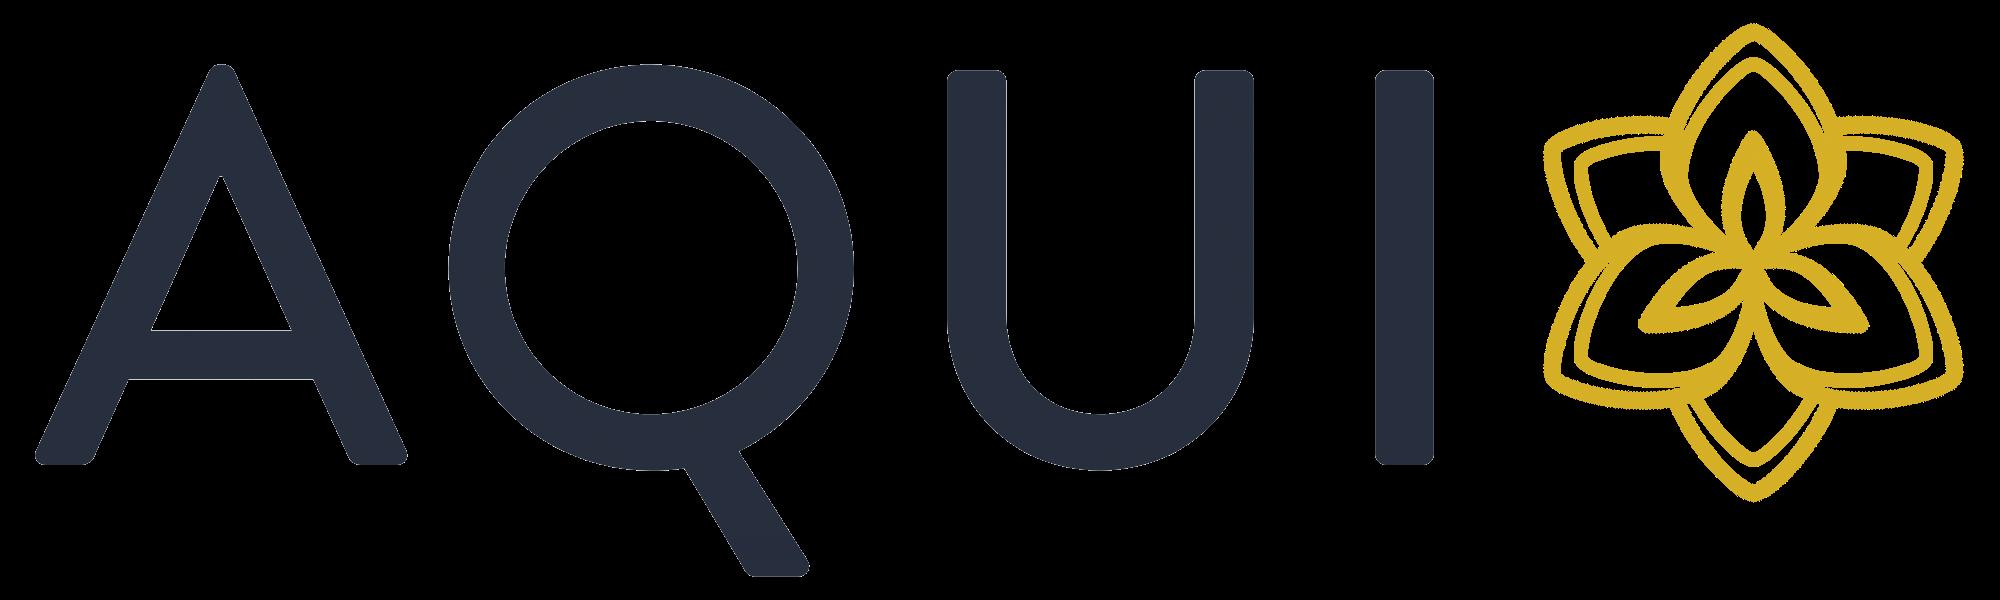 AQUI Logo High Rez%5b1256%5d.png